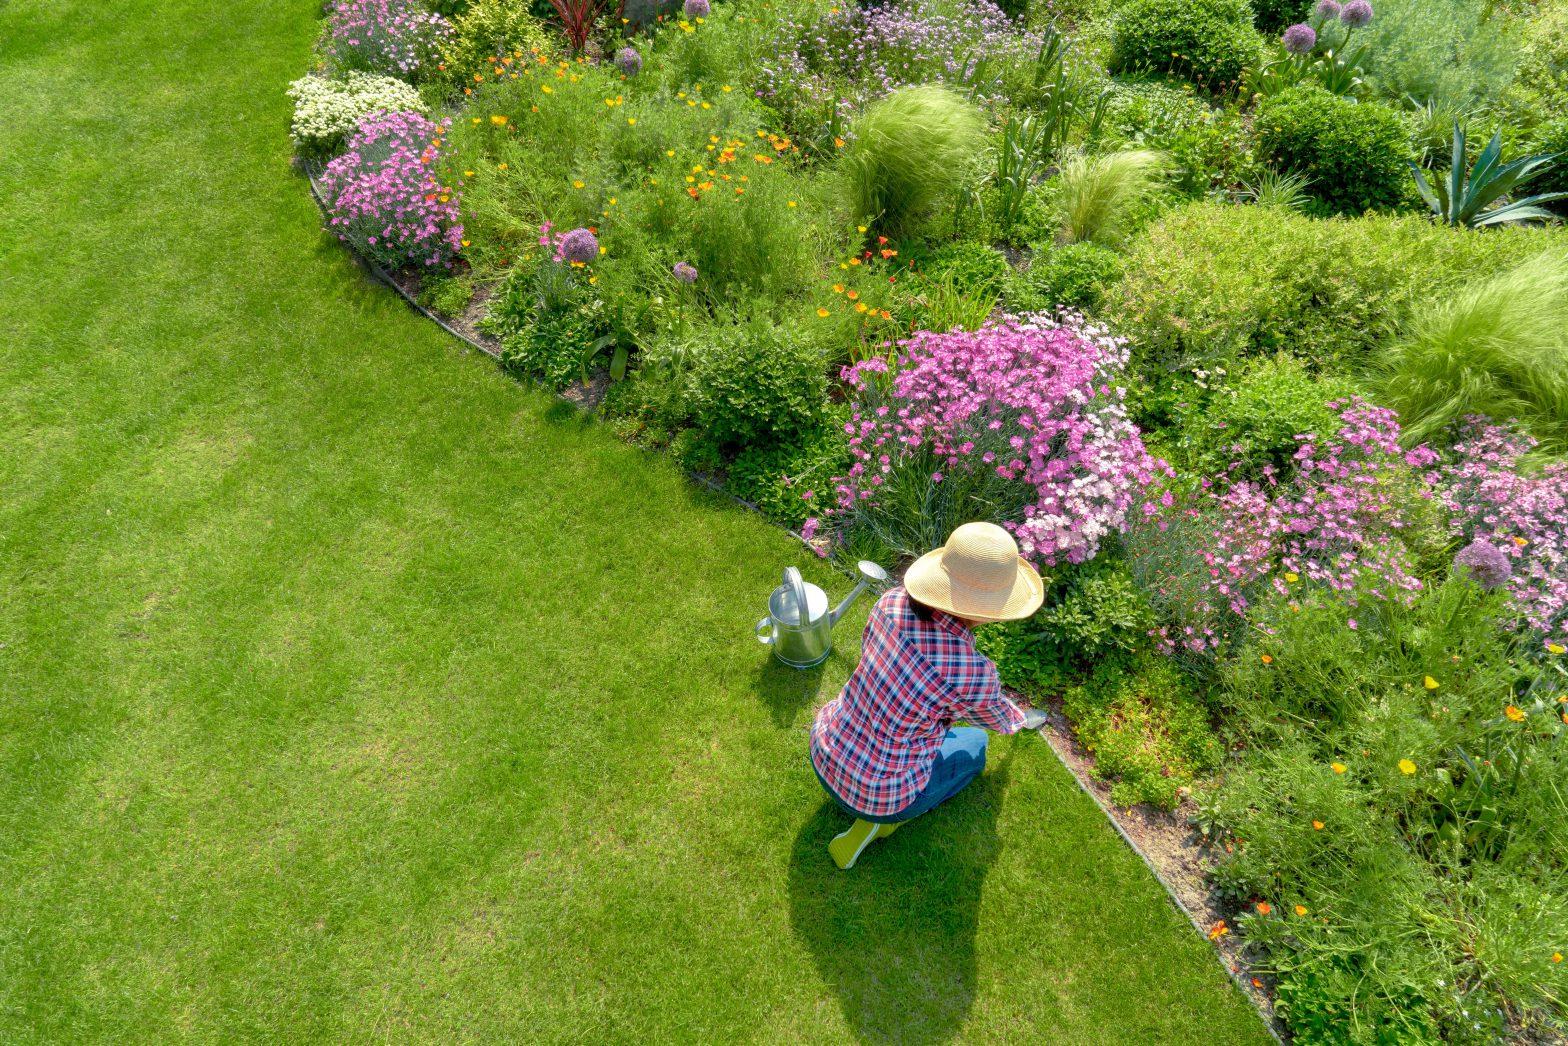 Jak samodzielnie urządzić ogród?